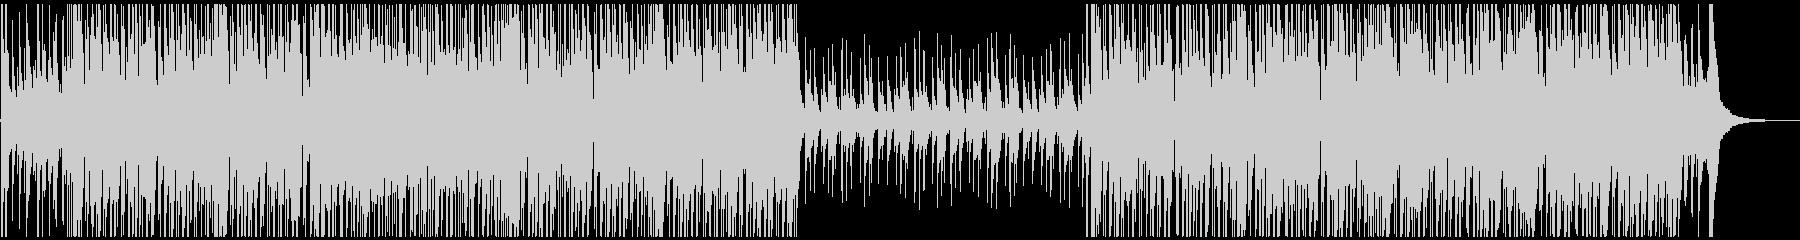 ウクレレがコミカルでかわいい楽しいBGMの未再生の波形